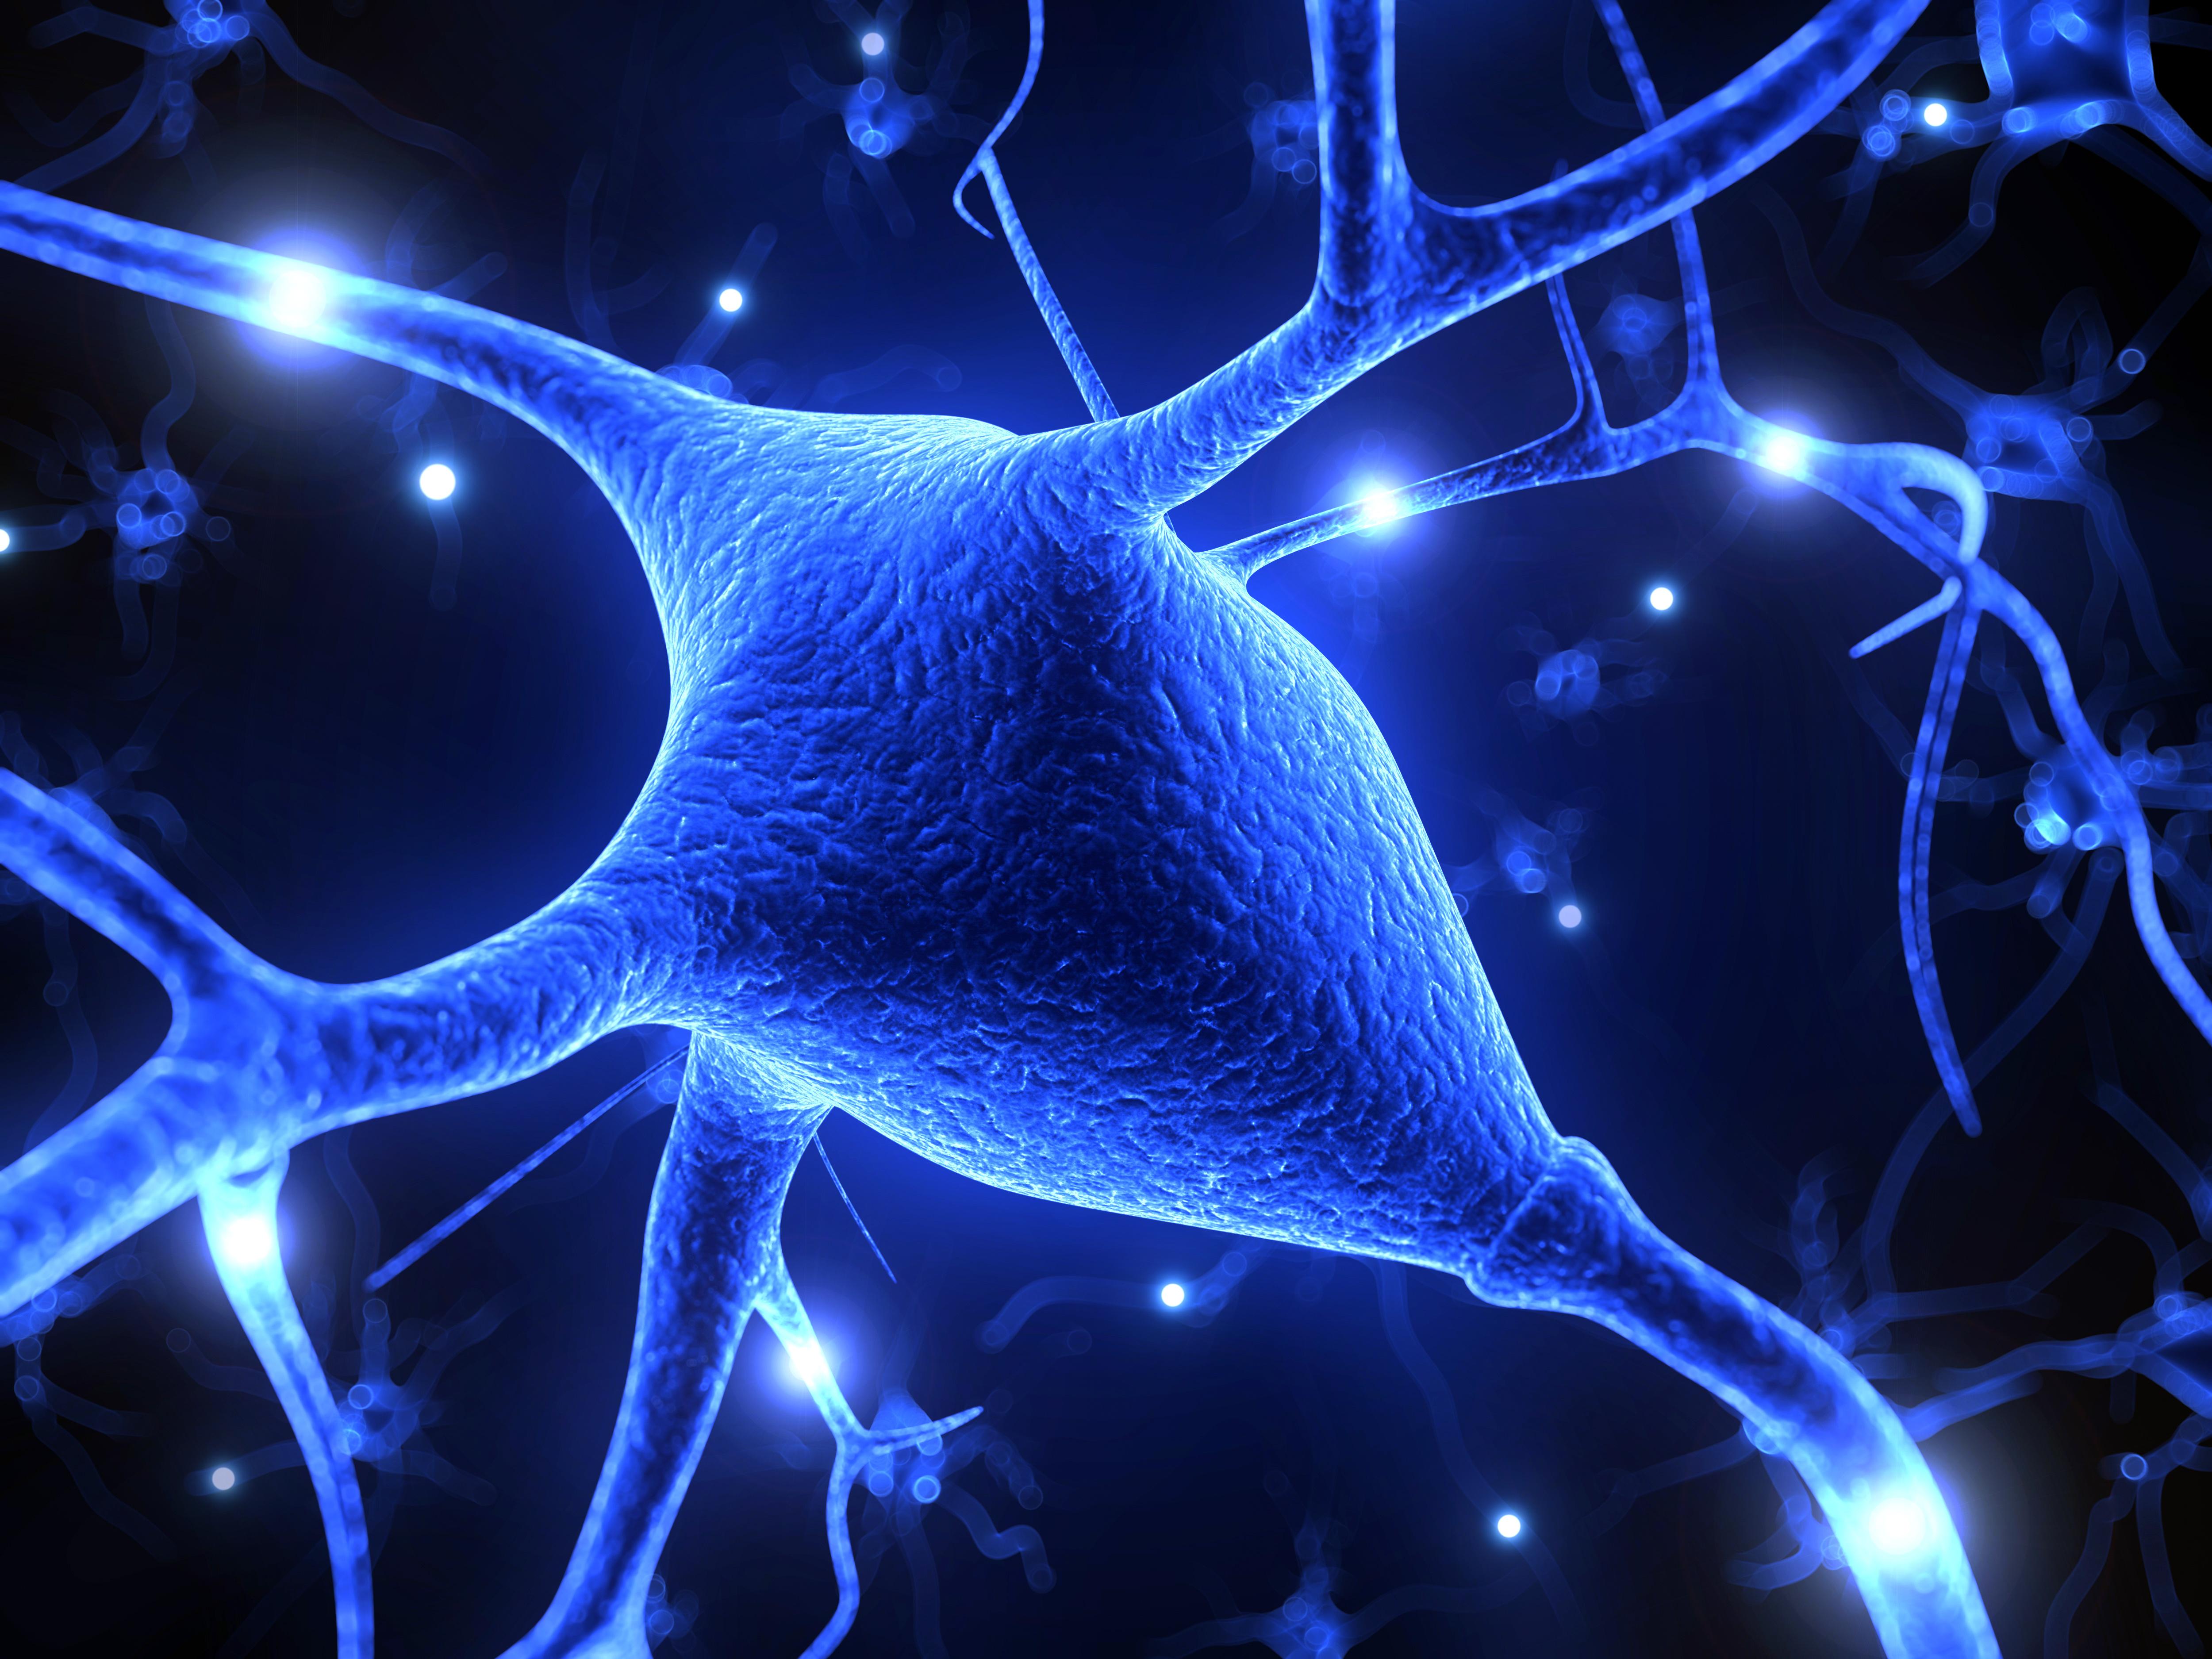 3d rendered illustration – nerve cell